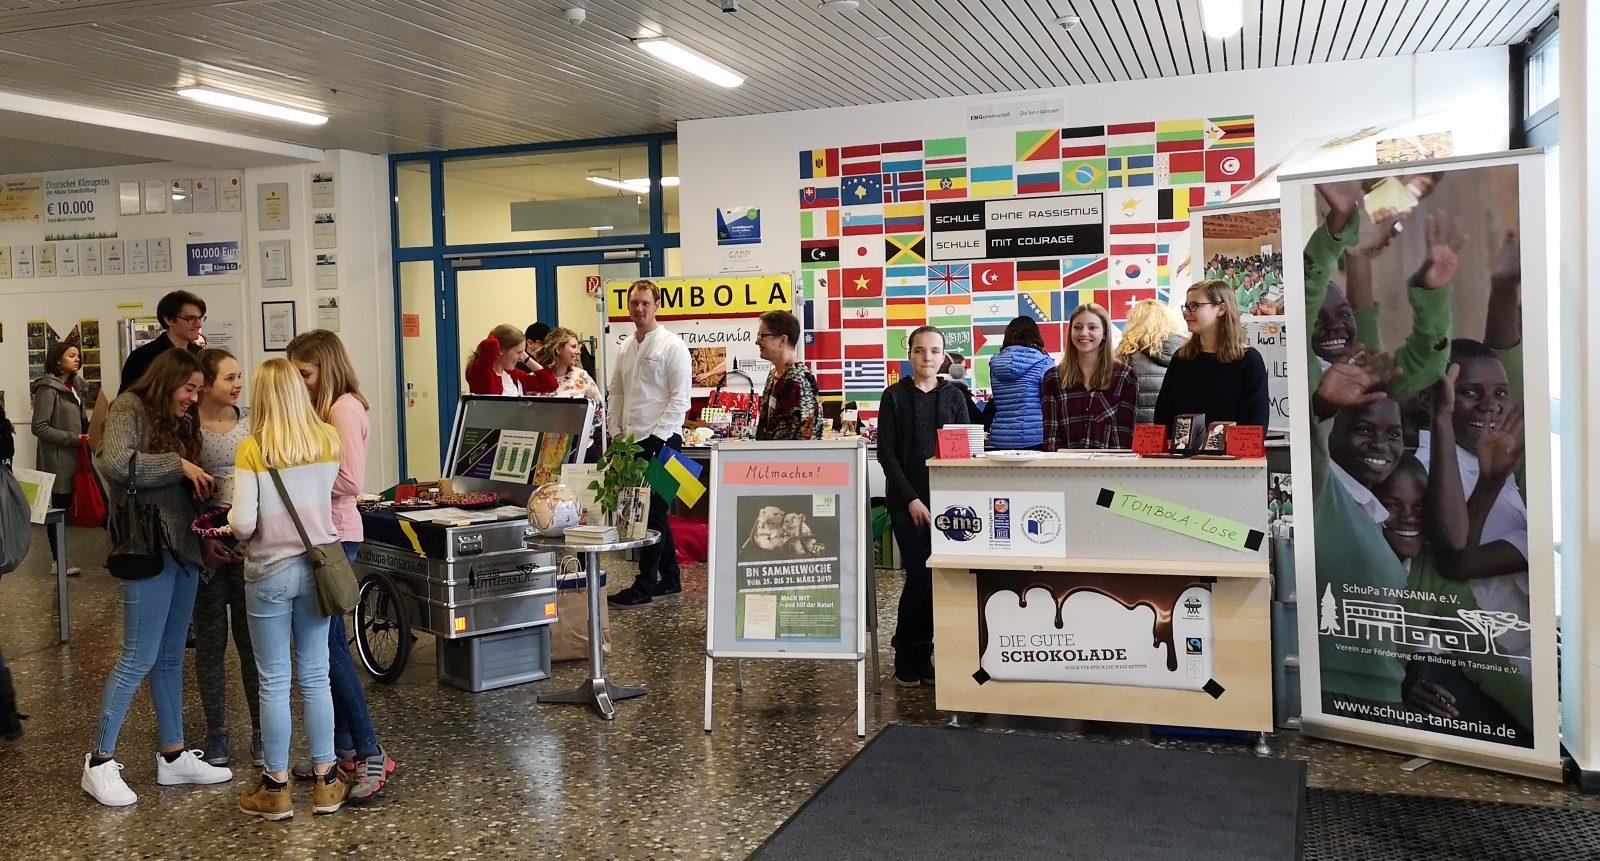 SchuPa und PuCo am Tag der offenen Tür 2019